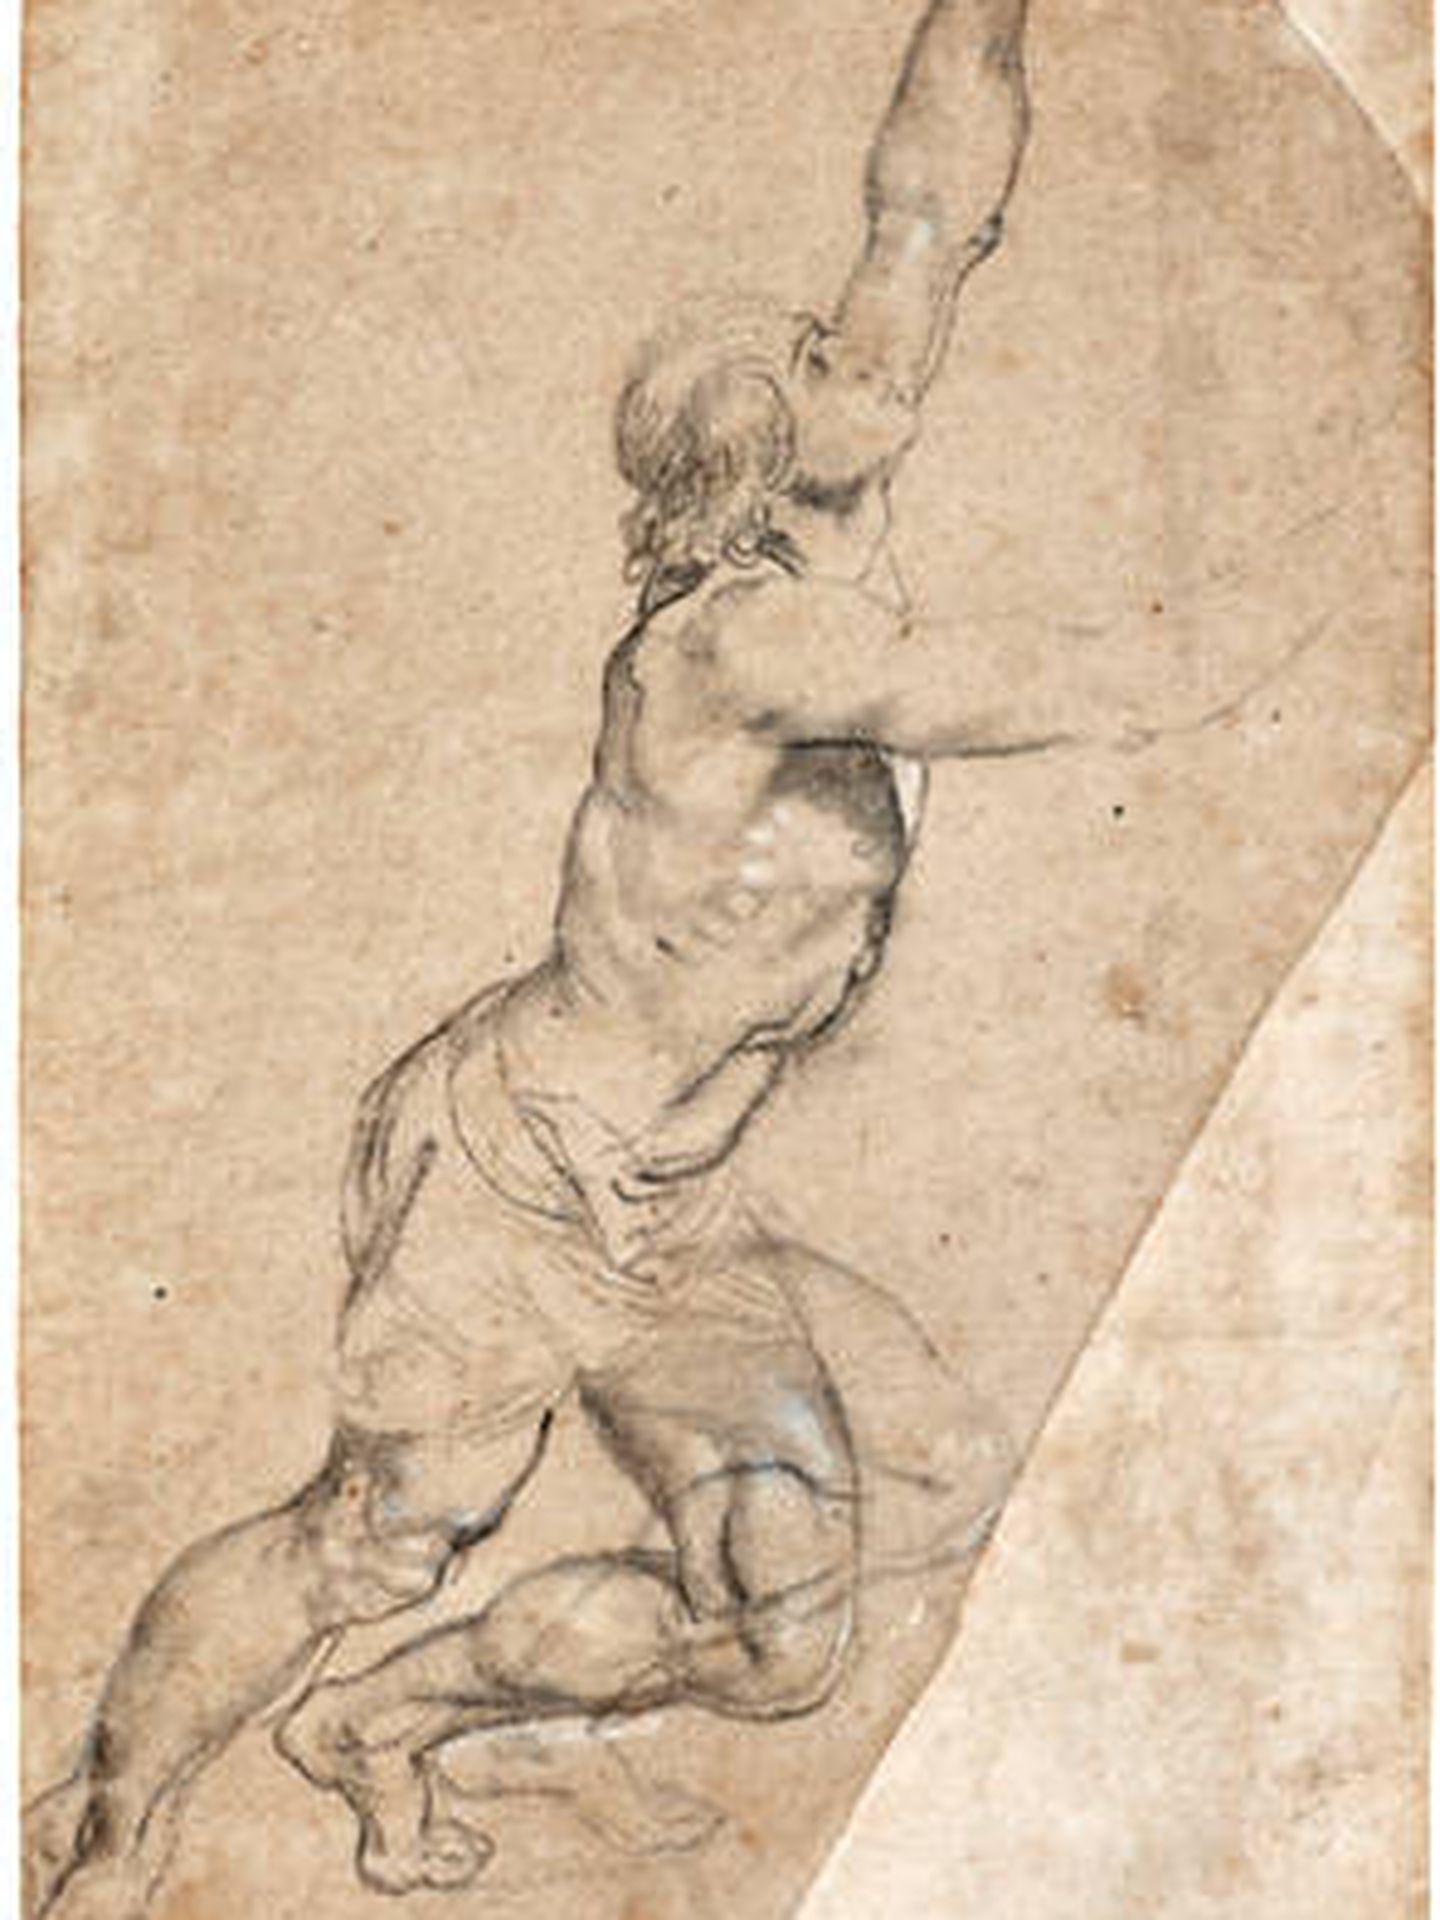 Dibujo de Rubens que ha sido vendido. (Cortesía)